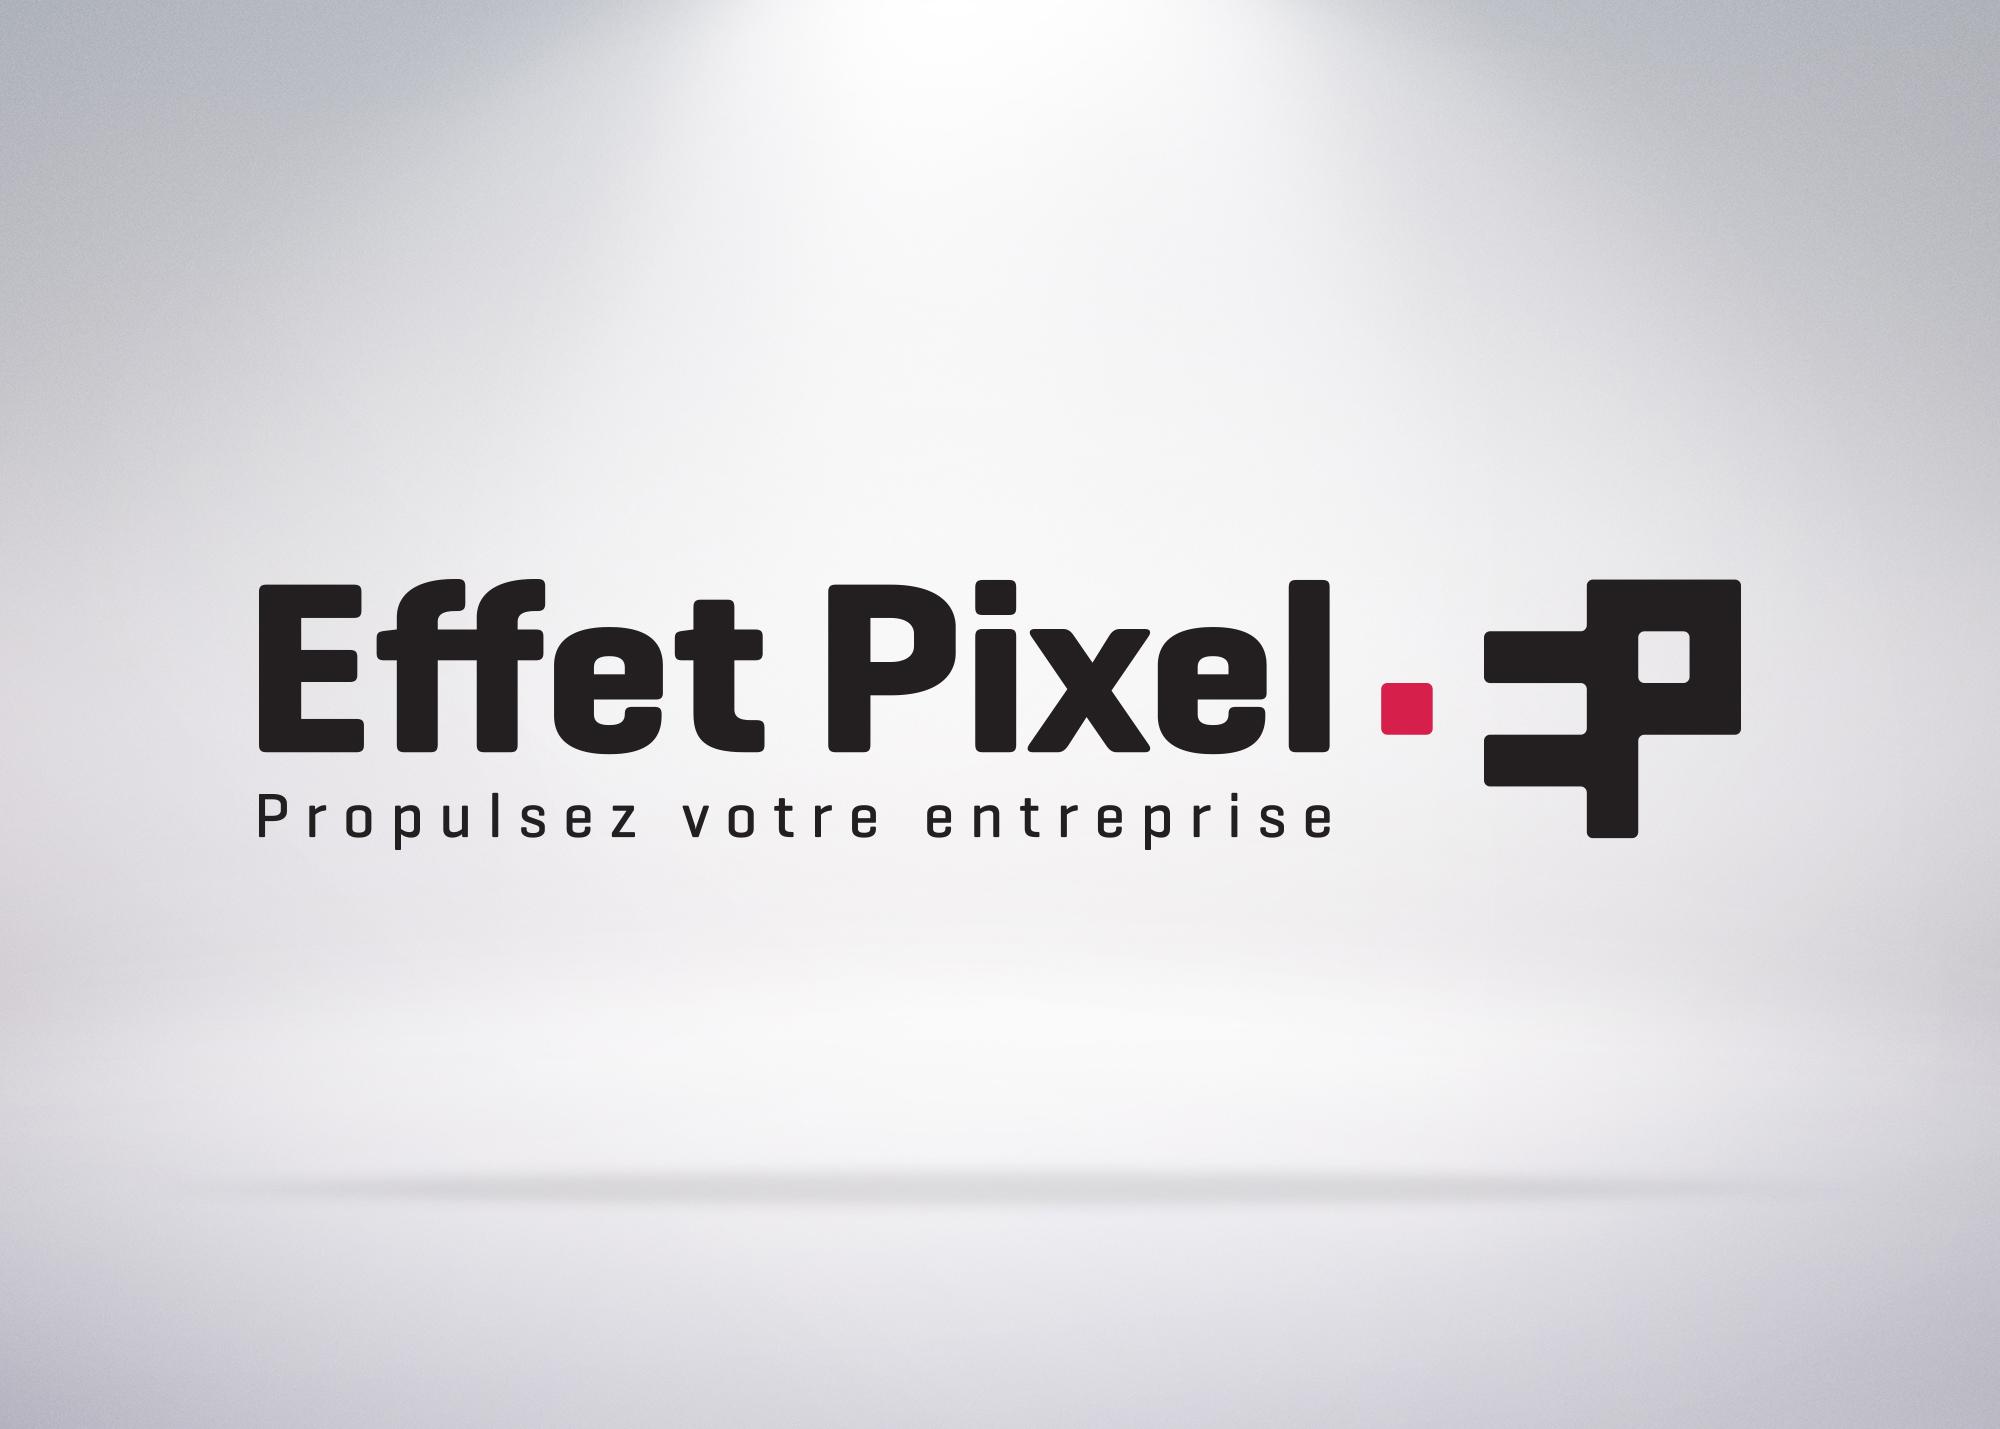 Logo effet pixel avec slogan